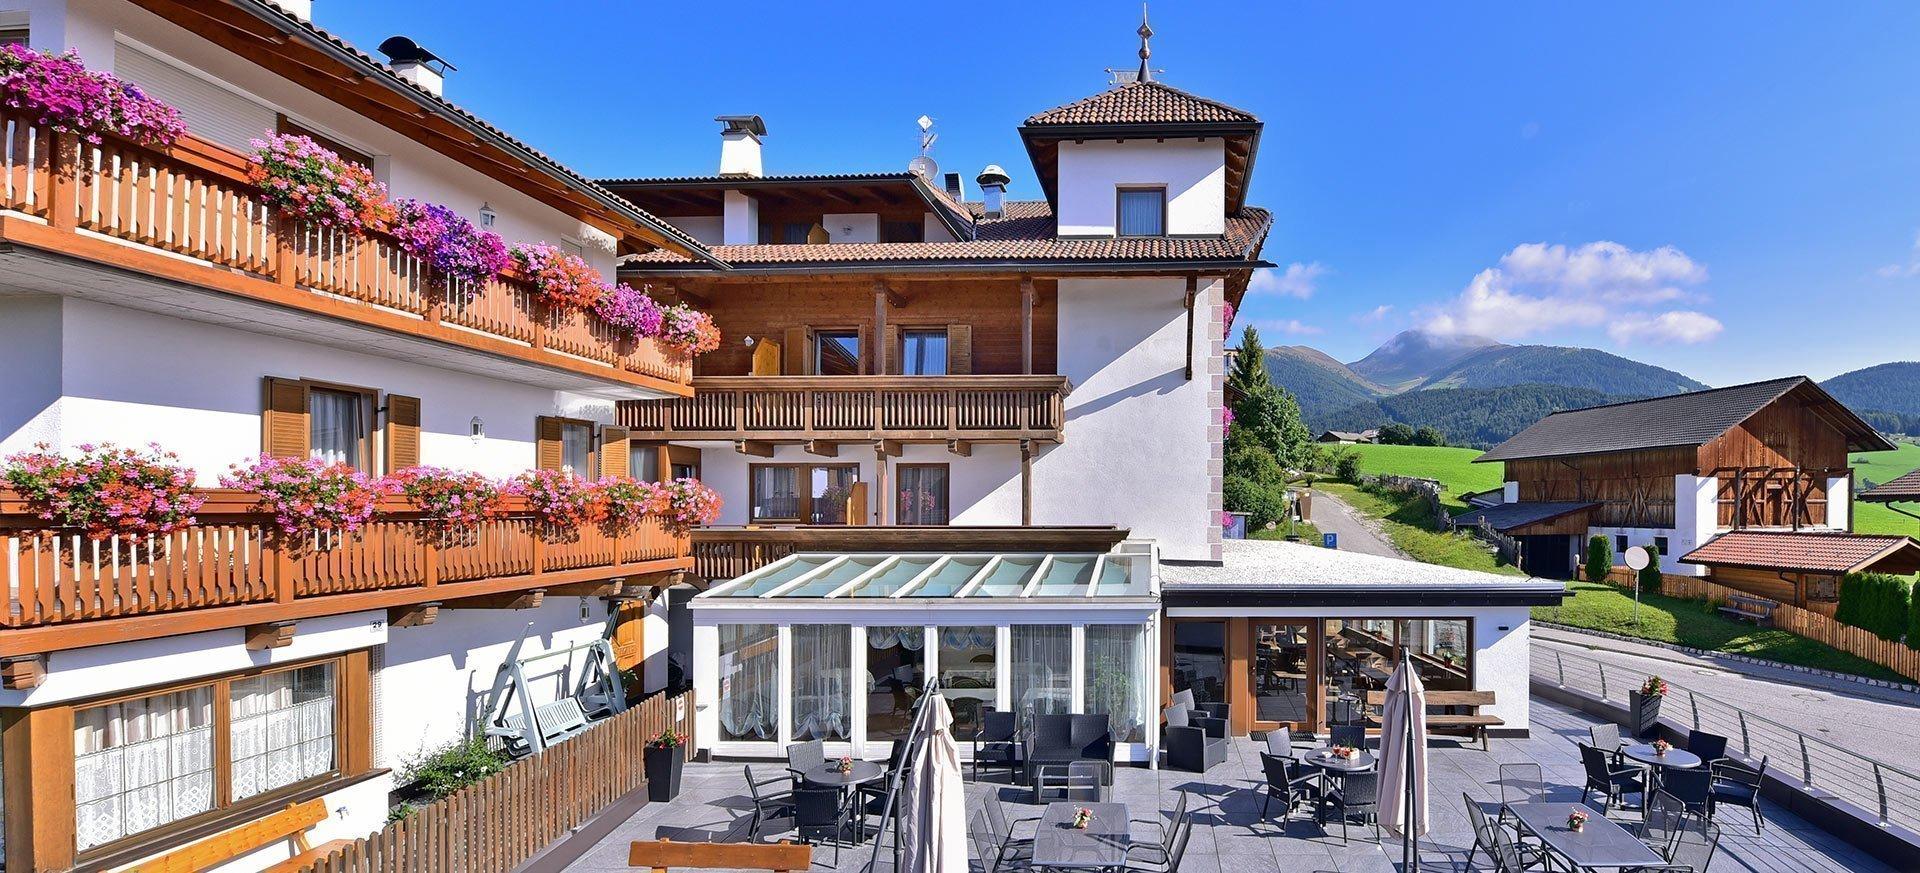 Ambiente und Lage: Ihr Hotel für Ihren Erlebnisurlaub in Meransen